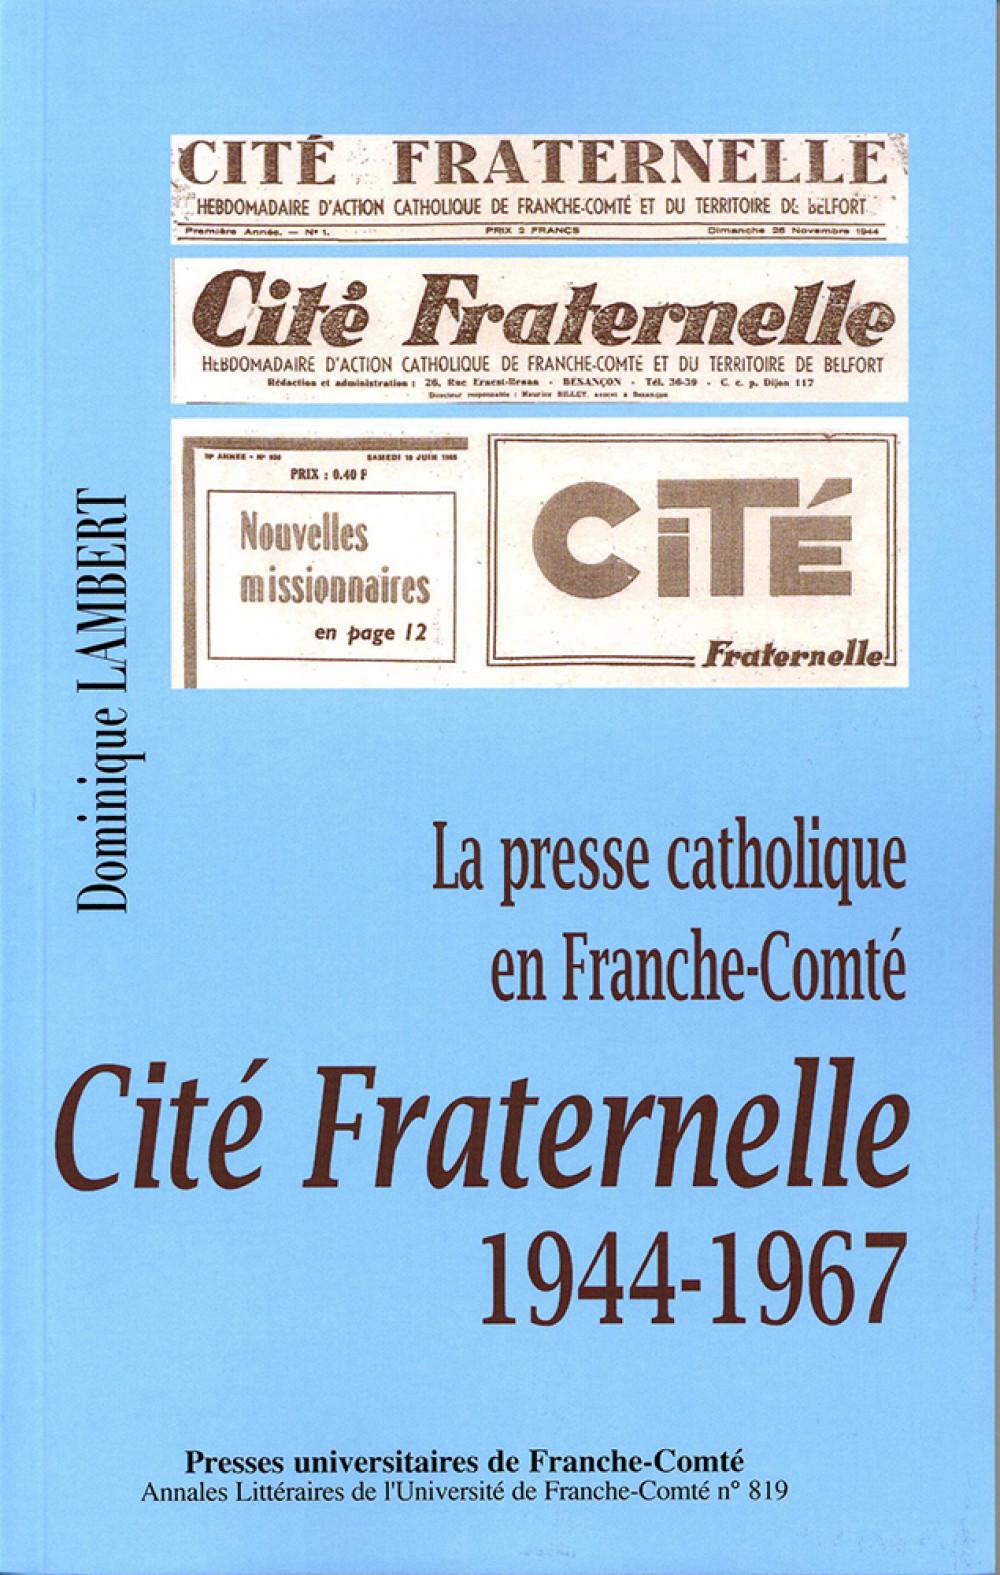 Cité Fraternelle 1944-1967